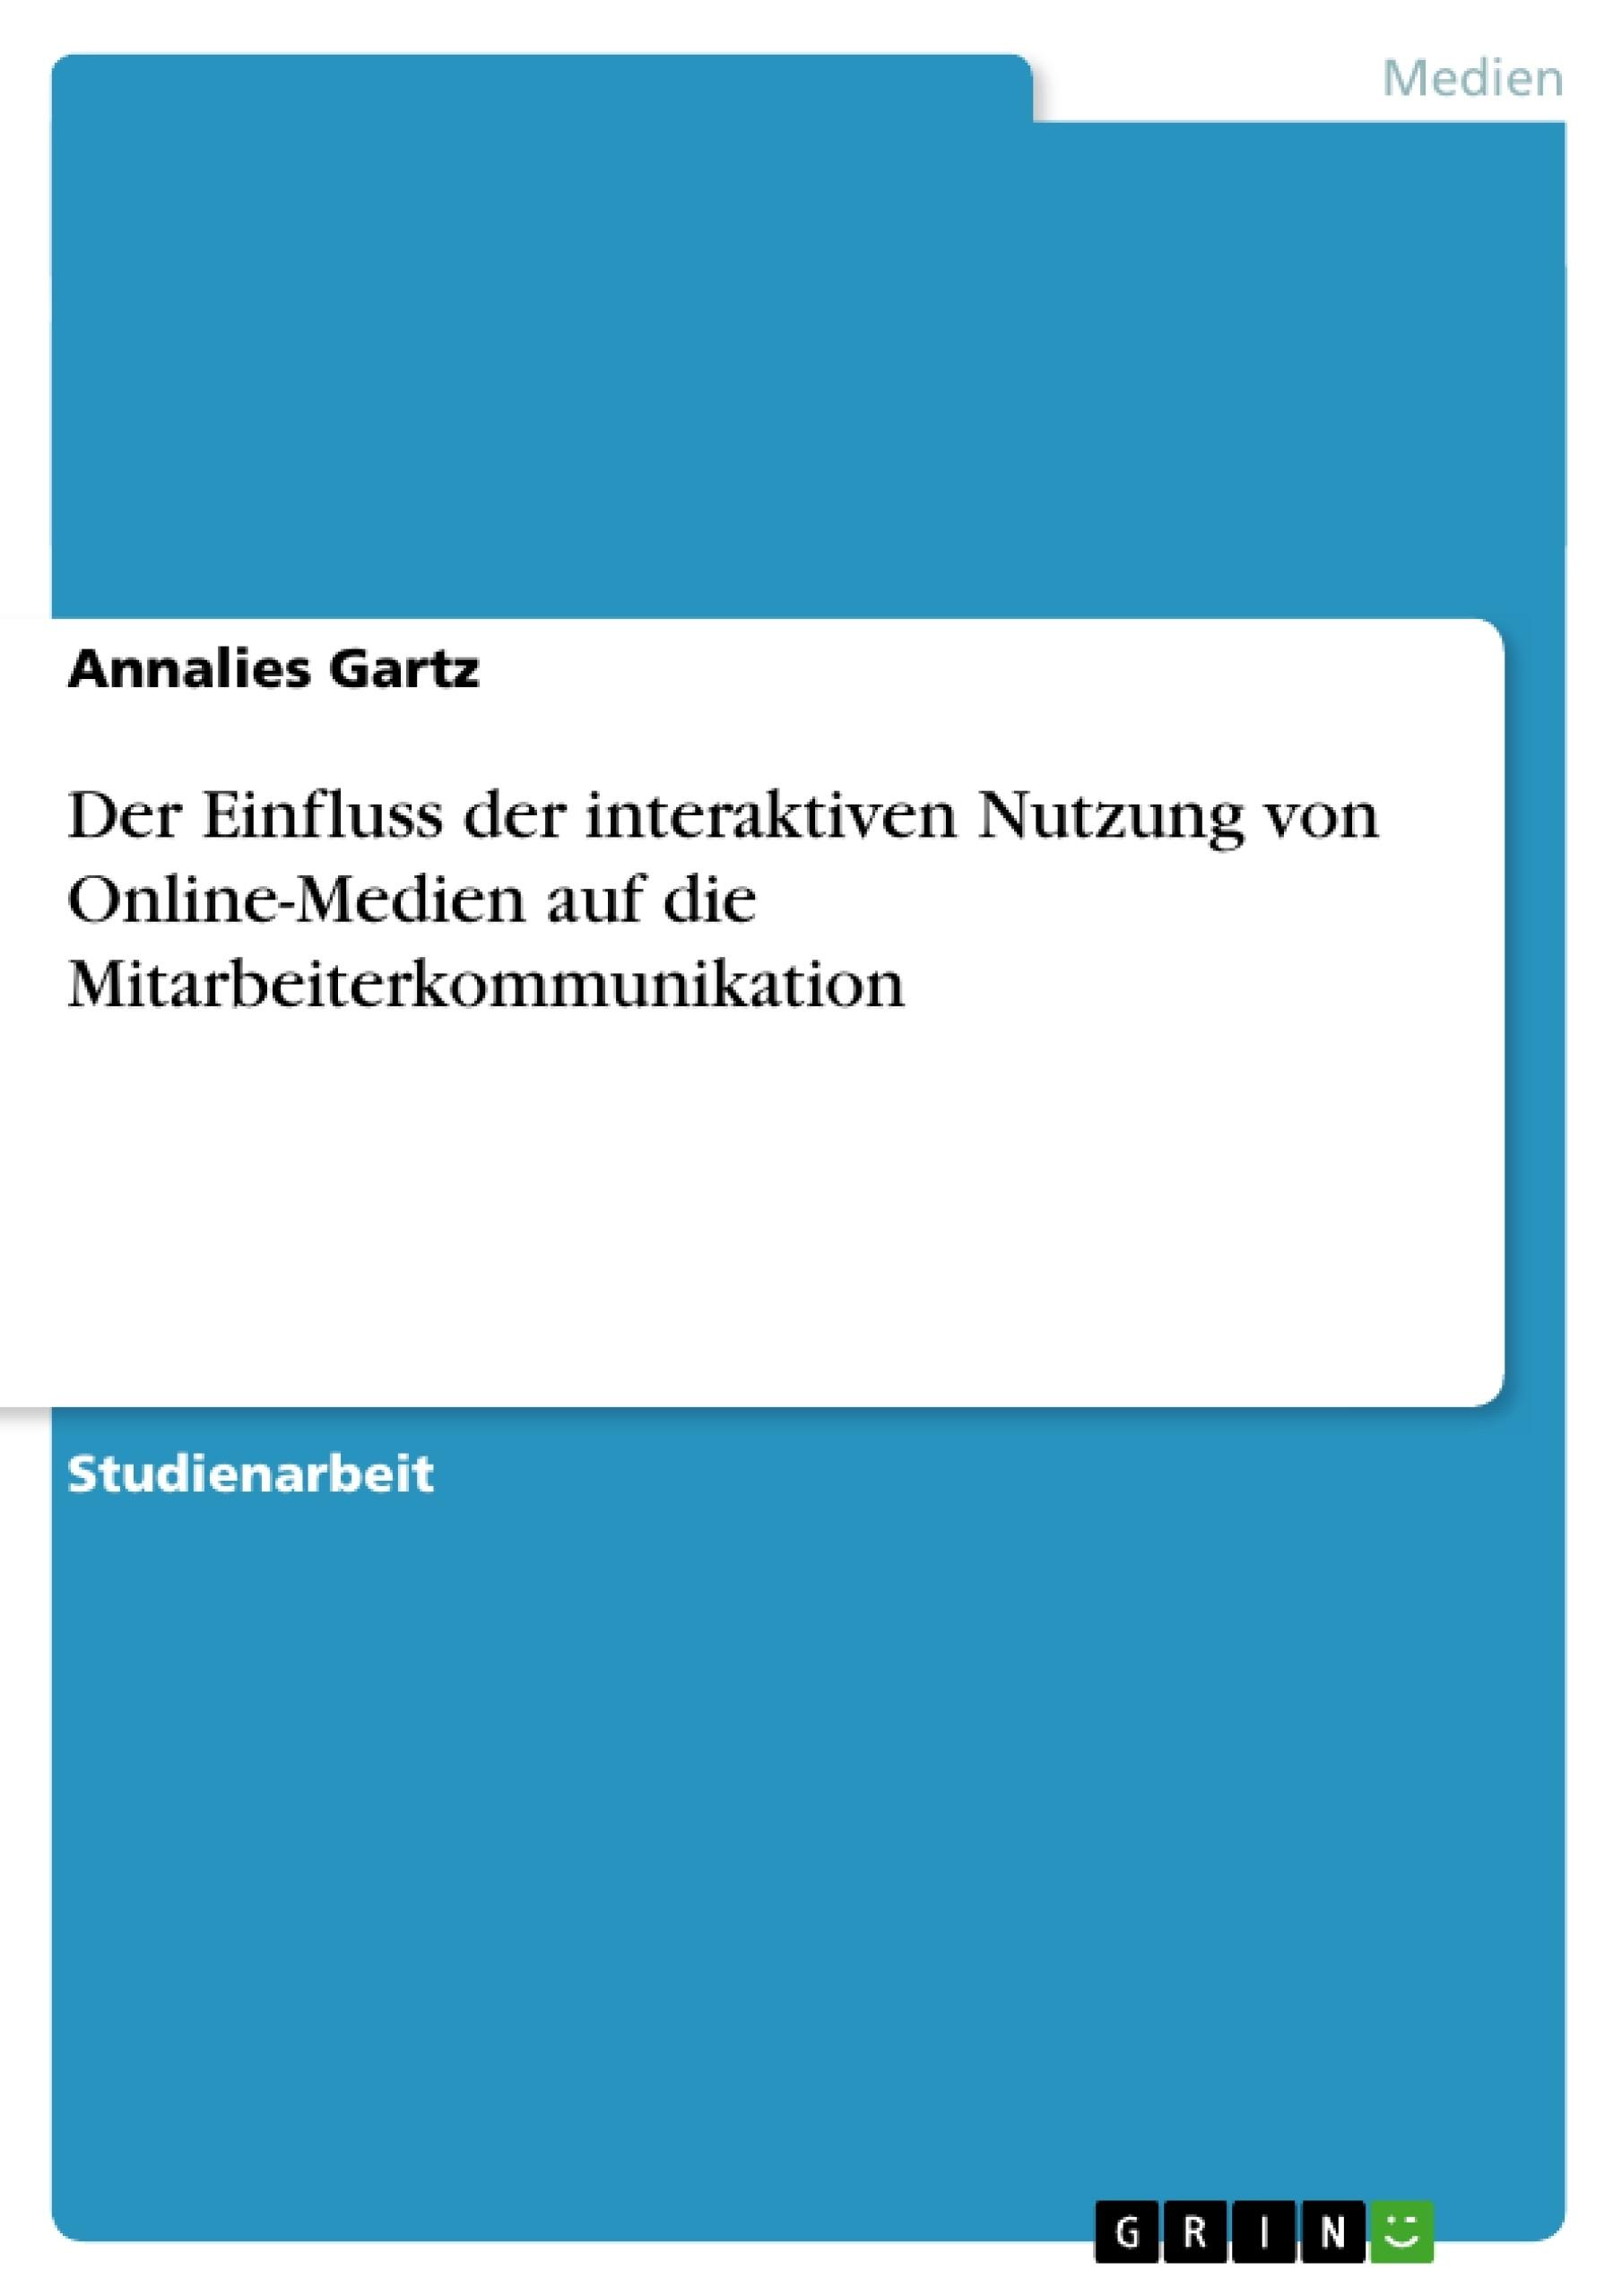 Titel: Der Einfluss der interaktiven Nutzung von Online-Medien auf die Mitarbeiterkommunikation